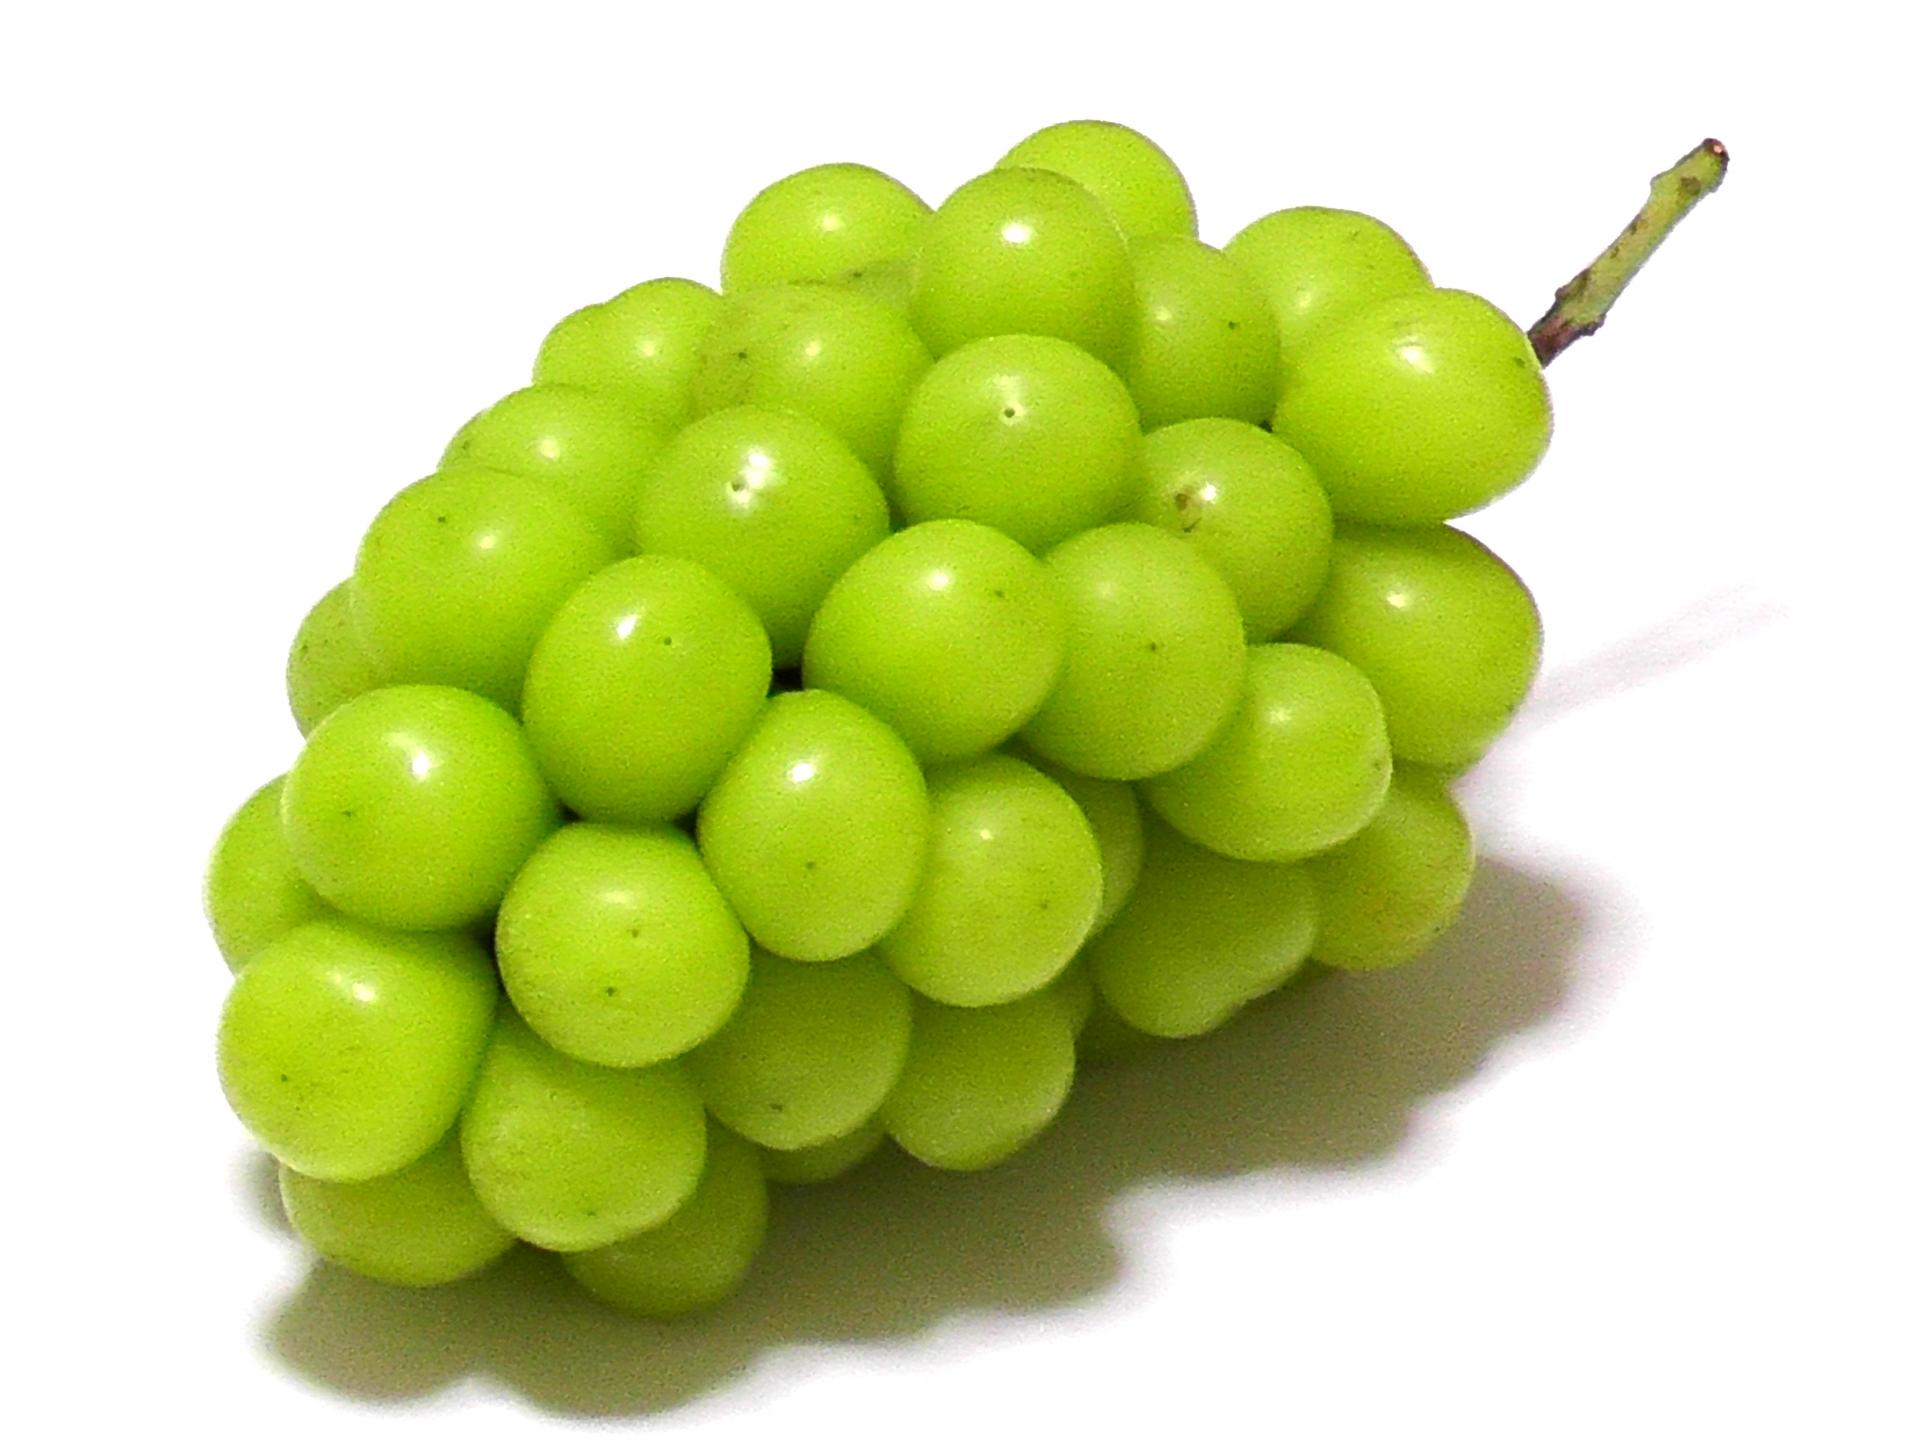 【果糖と果糖ブドウ糖液糖】フルーツに含まれる果糖 フルーツに含まれるから、「果糖」。 わかりやすいんですけど、誤解があります。 「果糖」もしくはフルクトースと聞くと、果物に含まれるので、健康やダイエットにも良さそうというイメージがありますよね。